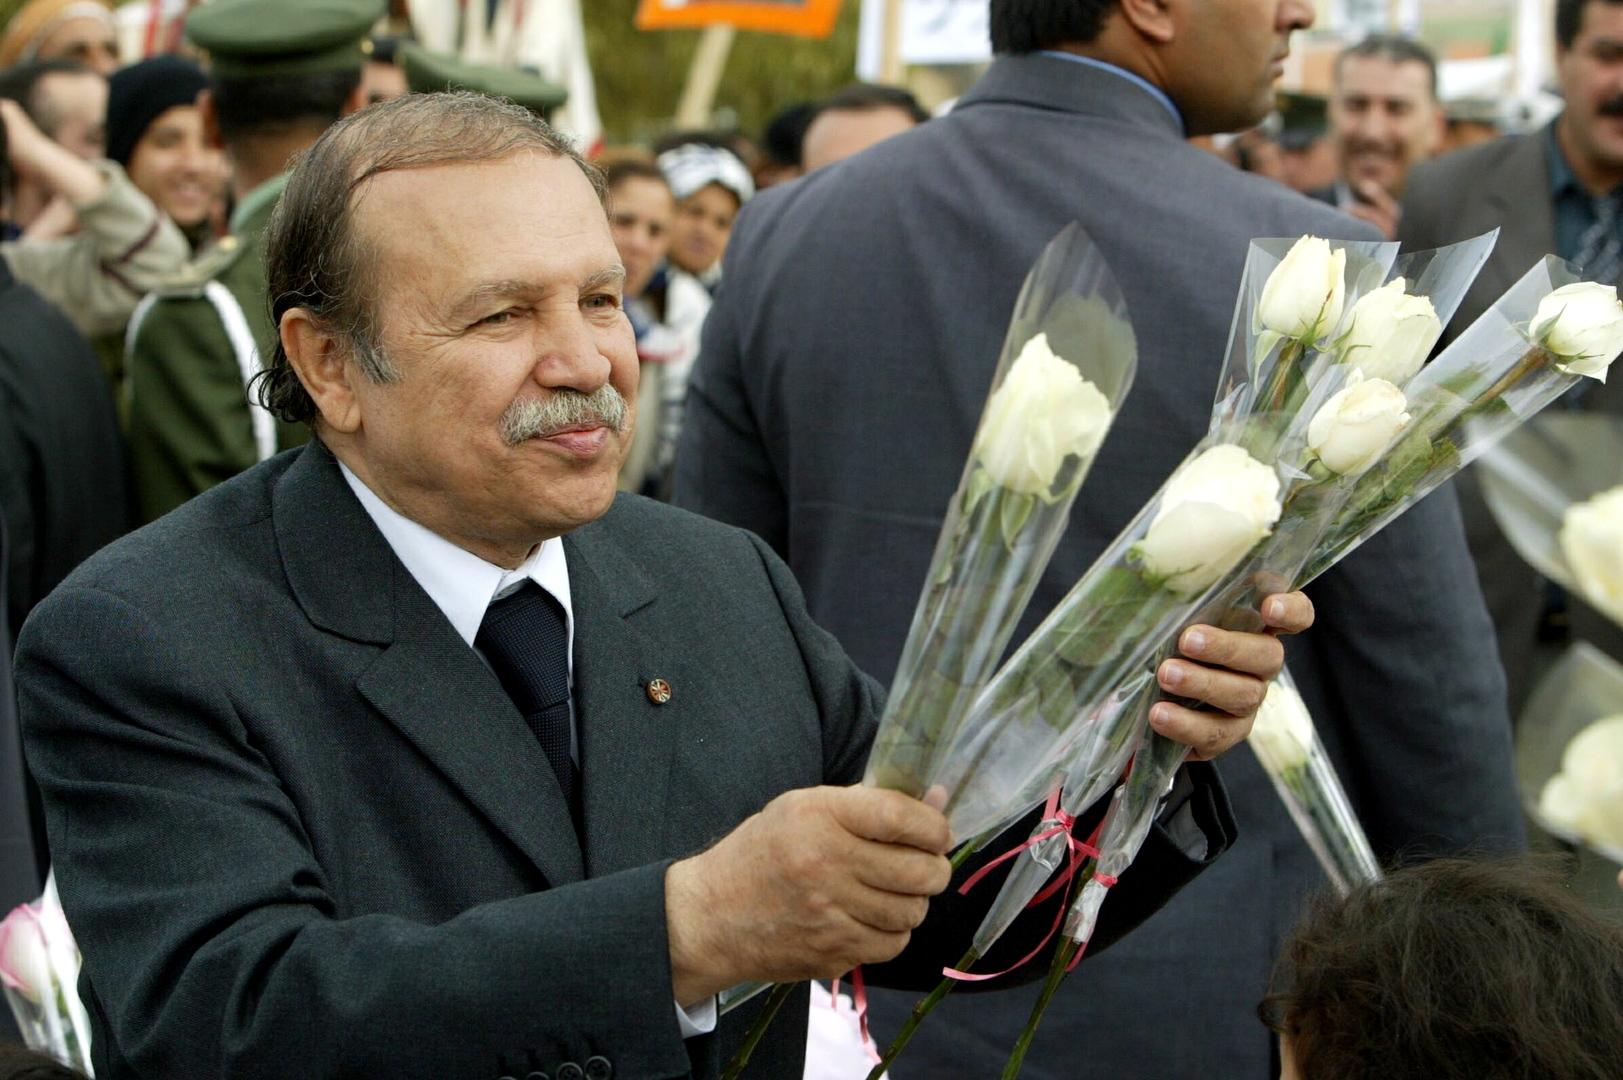 سعيد بوتفليقة: شقيقي الرئيس السابق رهن الإقامة الجبرية